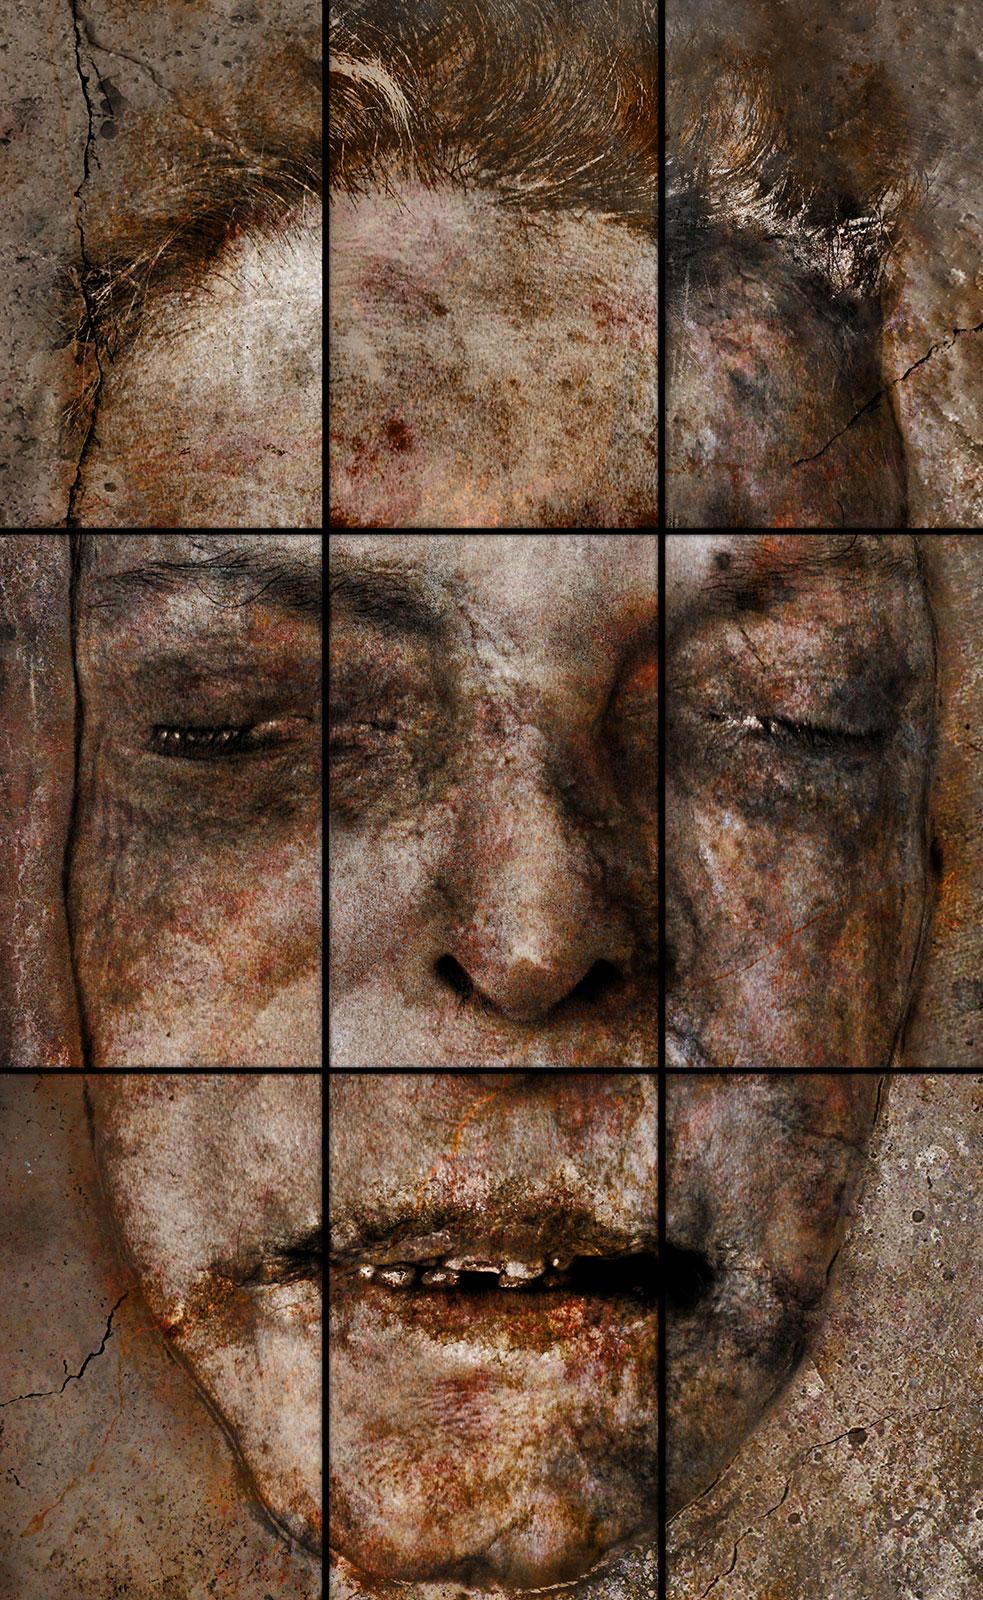 97532, no. 2  2011 Archival pigment print 100 H x 63.9 W cm / 39 ¼ x 25 in